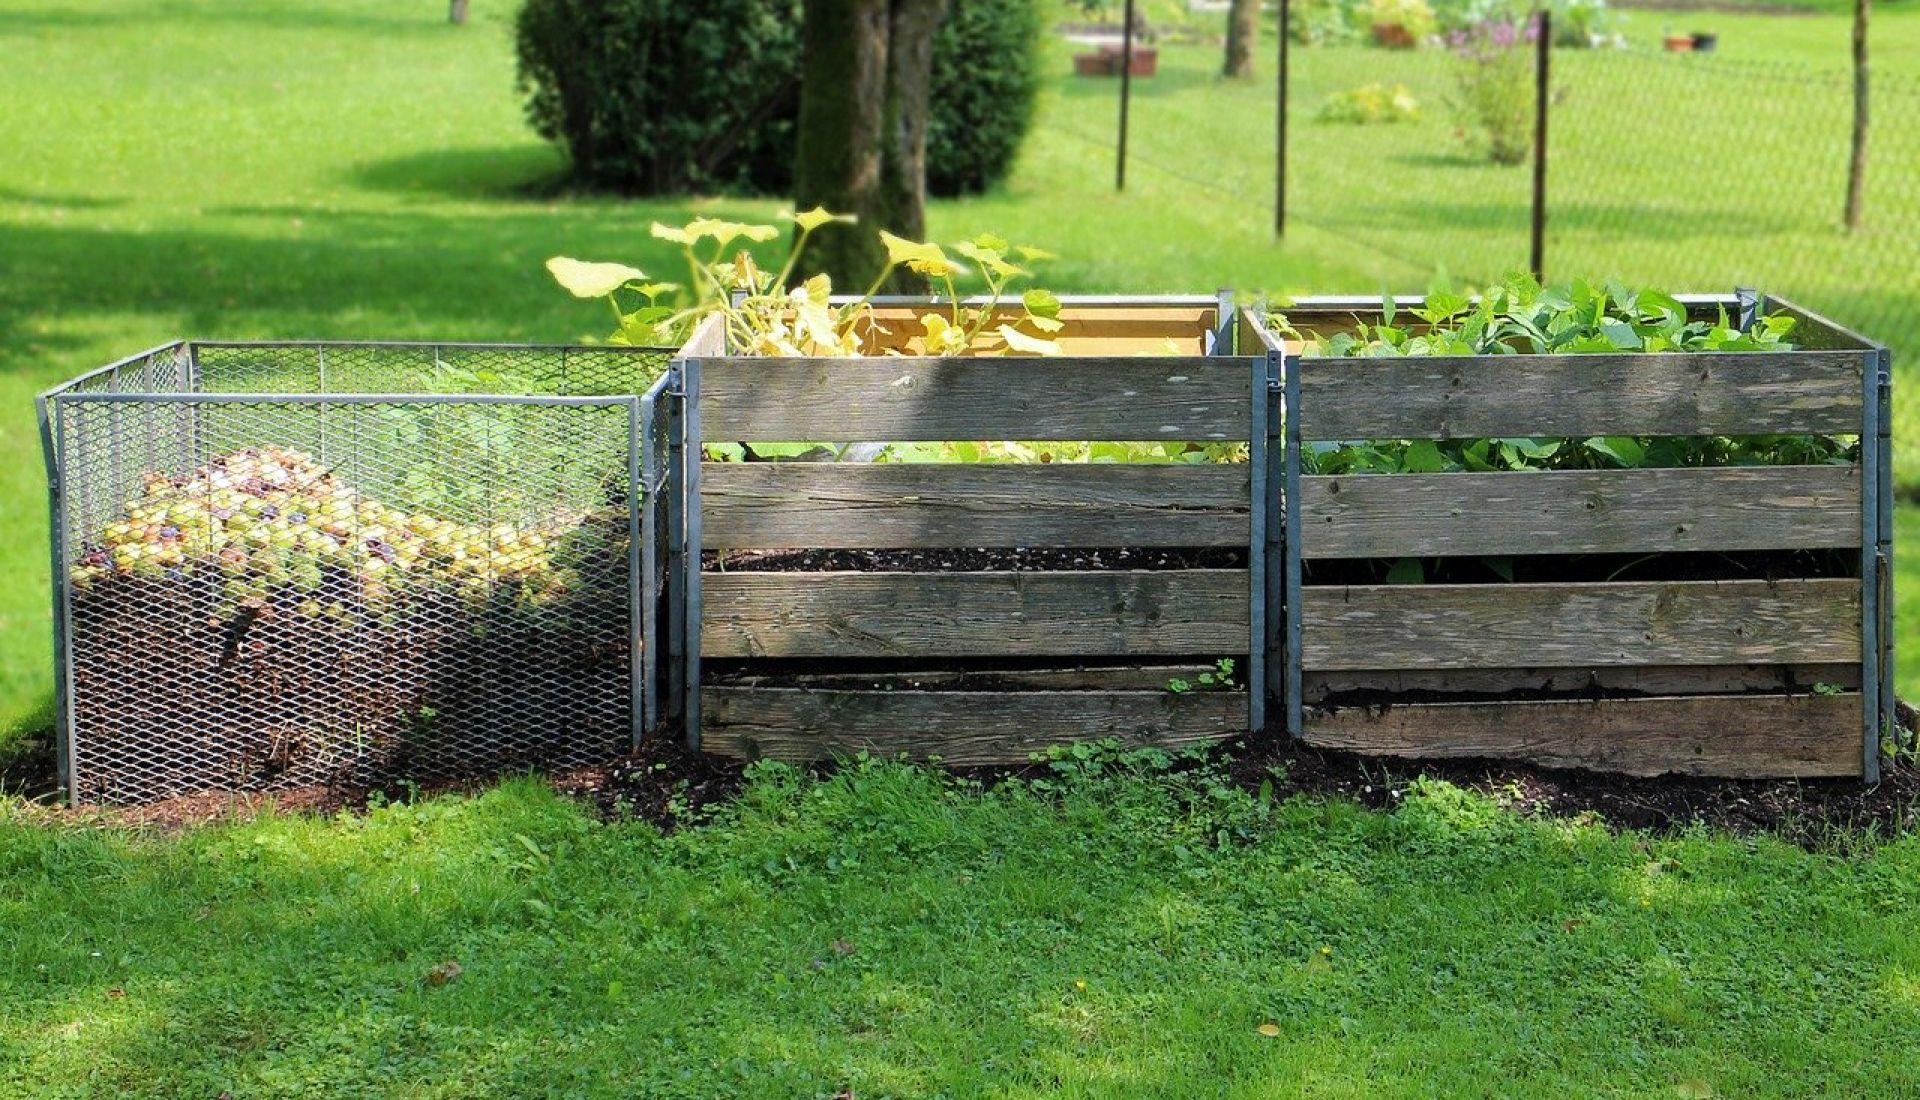 La gestion des déchets verts au jardin